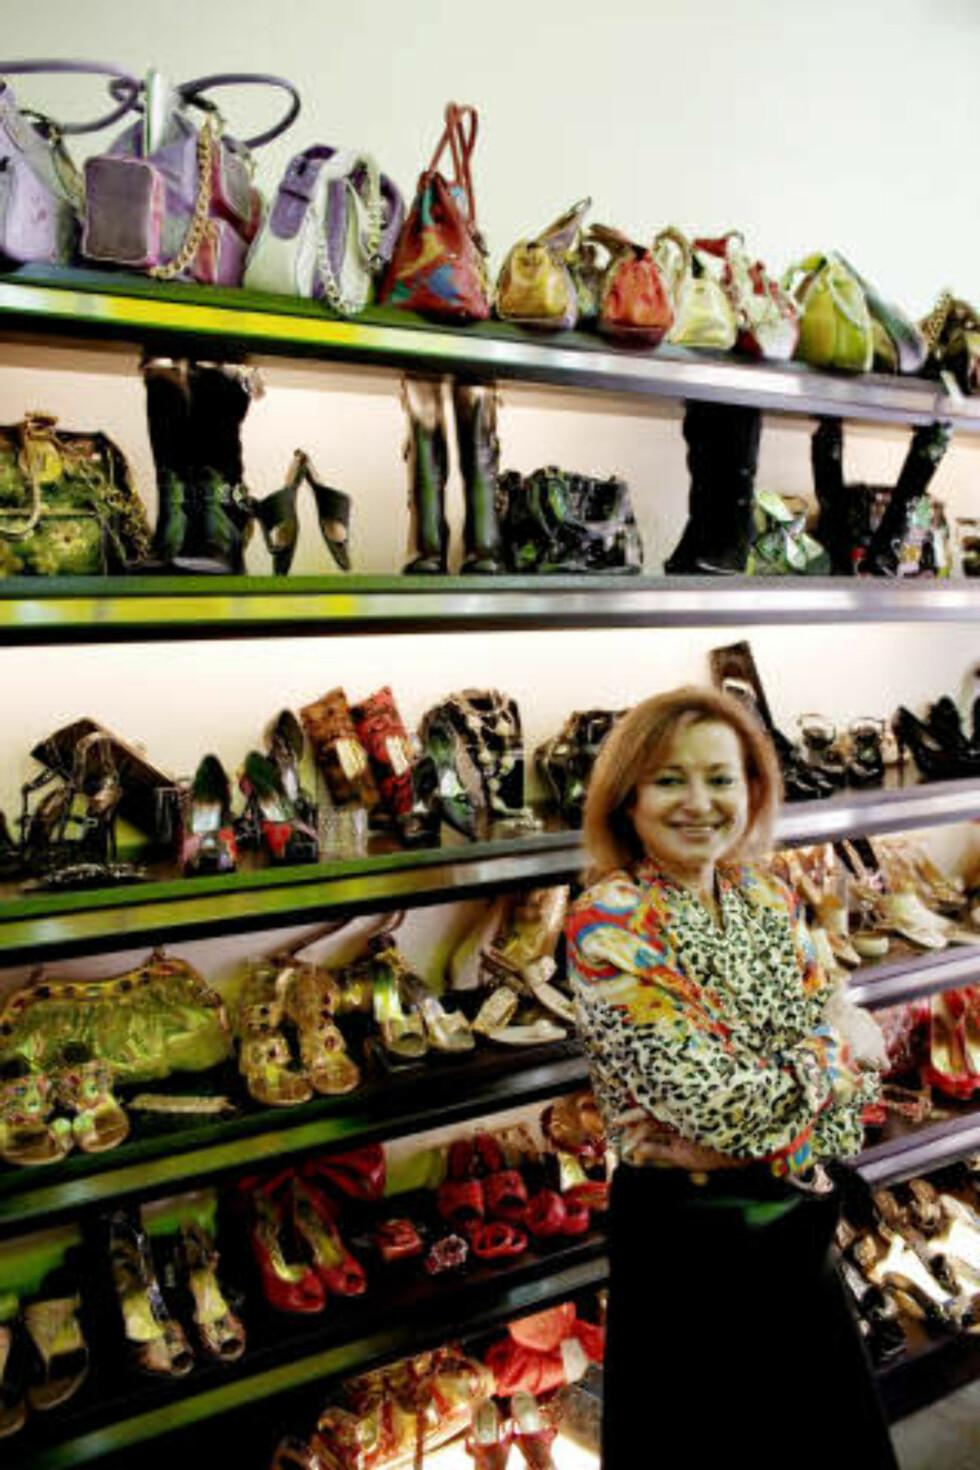 HØYE HÆLER: Skoene er imitasjoner av Chanel og andre merker, forteller skoselger Alice Khatchadourian Akle.Foto: Torbjørn Grønning